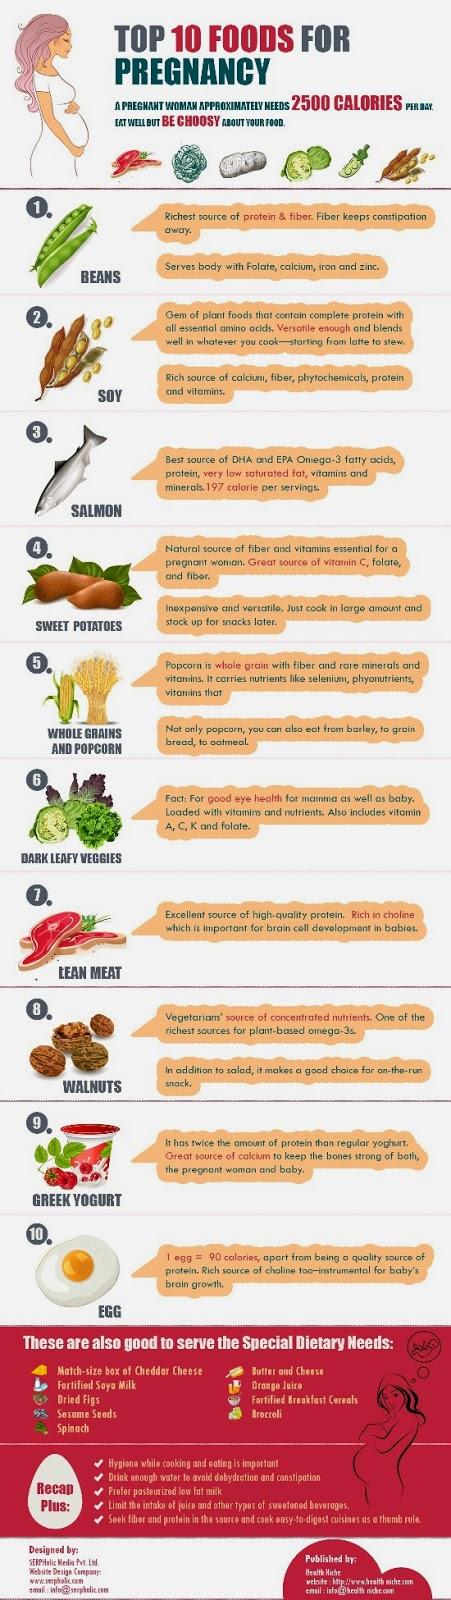 amalan ibu Kehamilan 10 makanan Vitamin Untuk Ibu Hamil